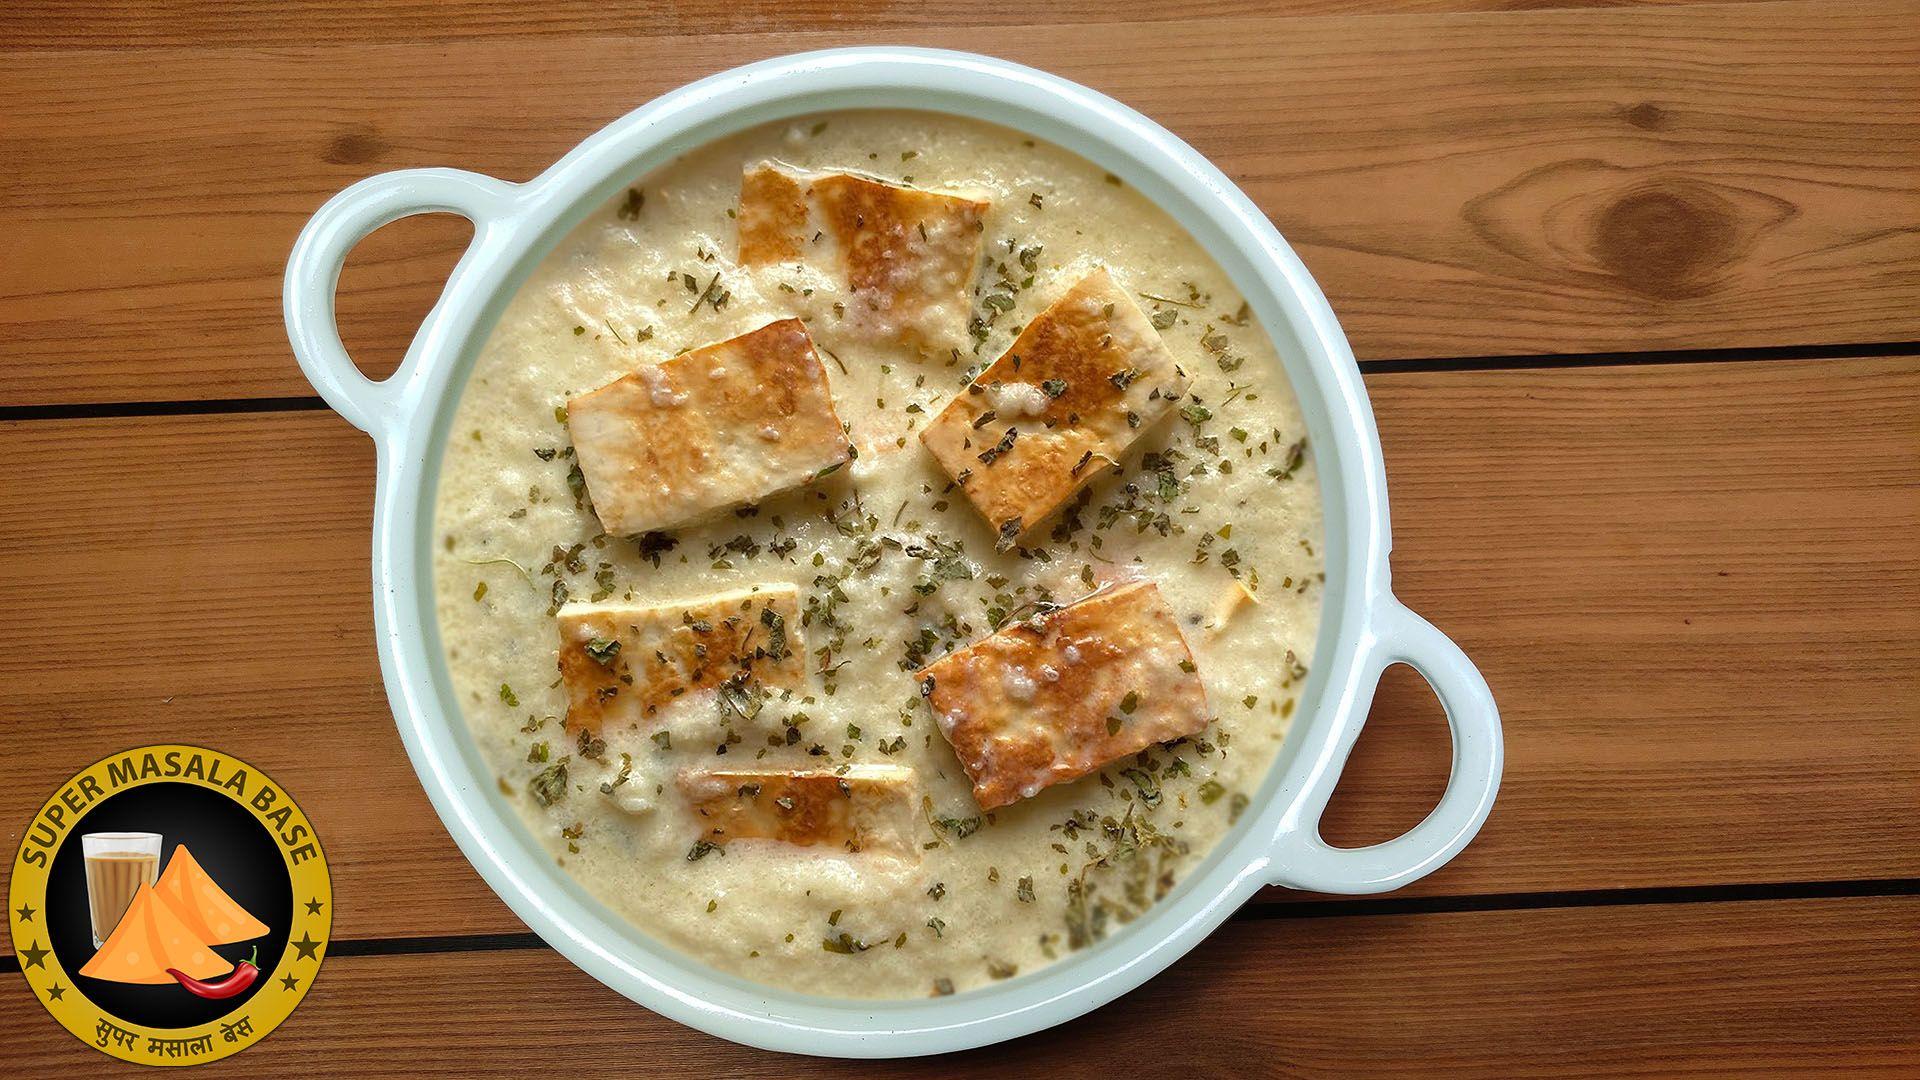 nawabi paneer cottage cheese white gravy curry